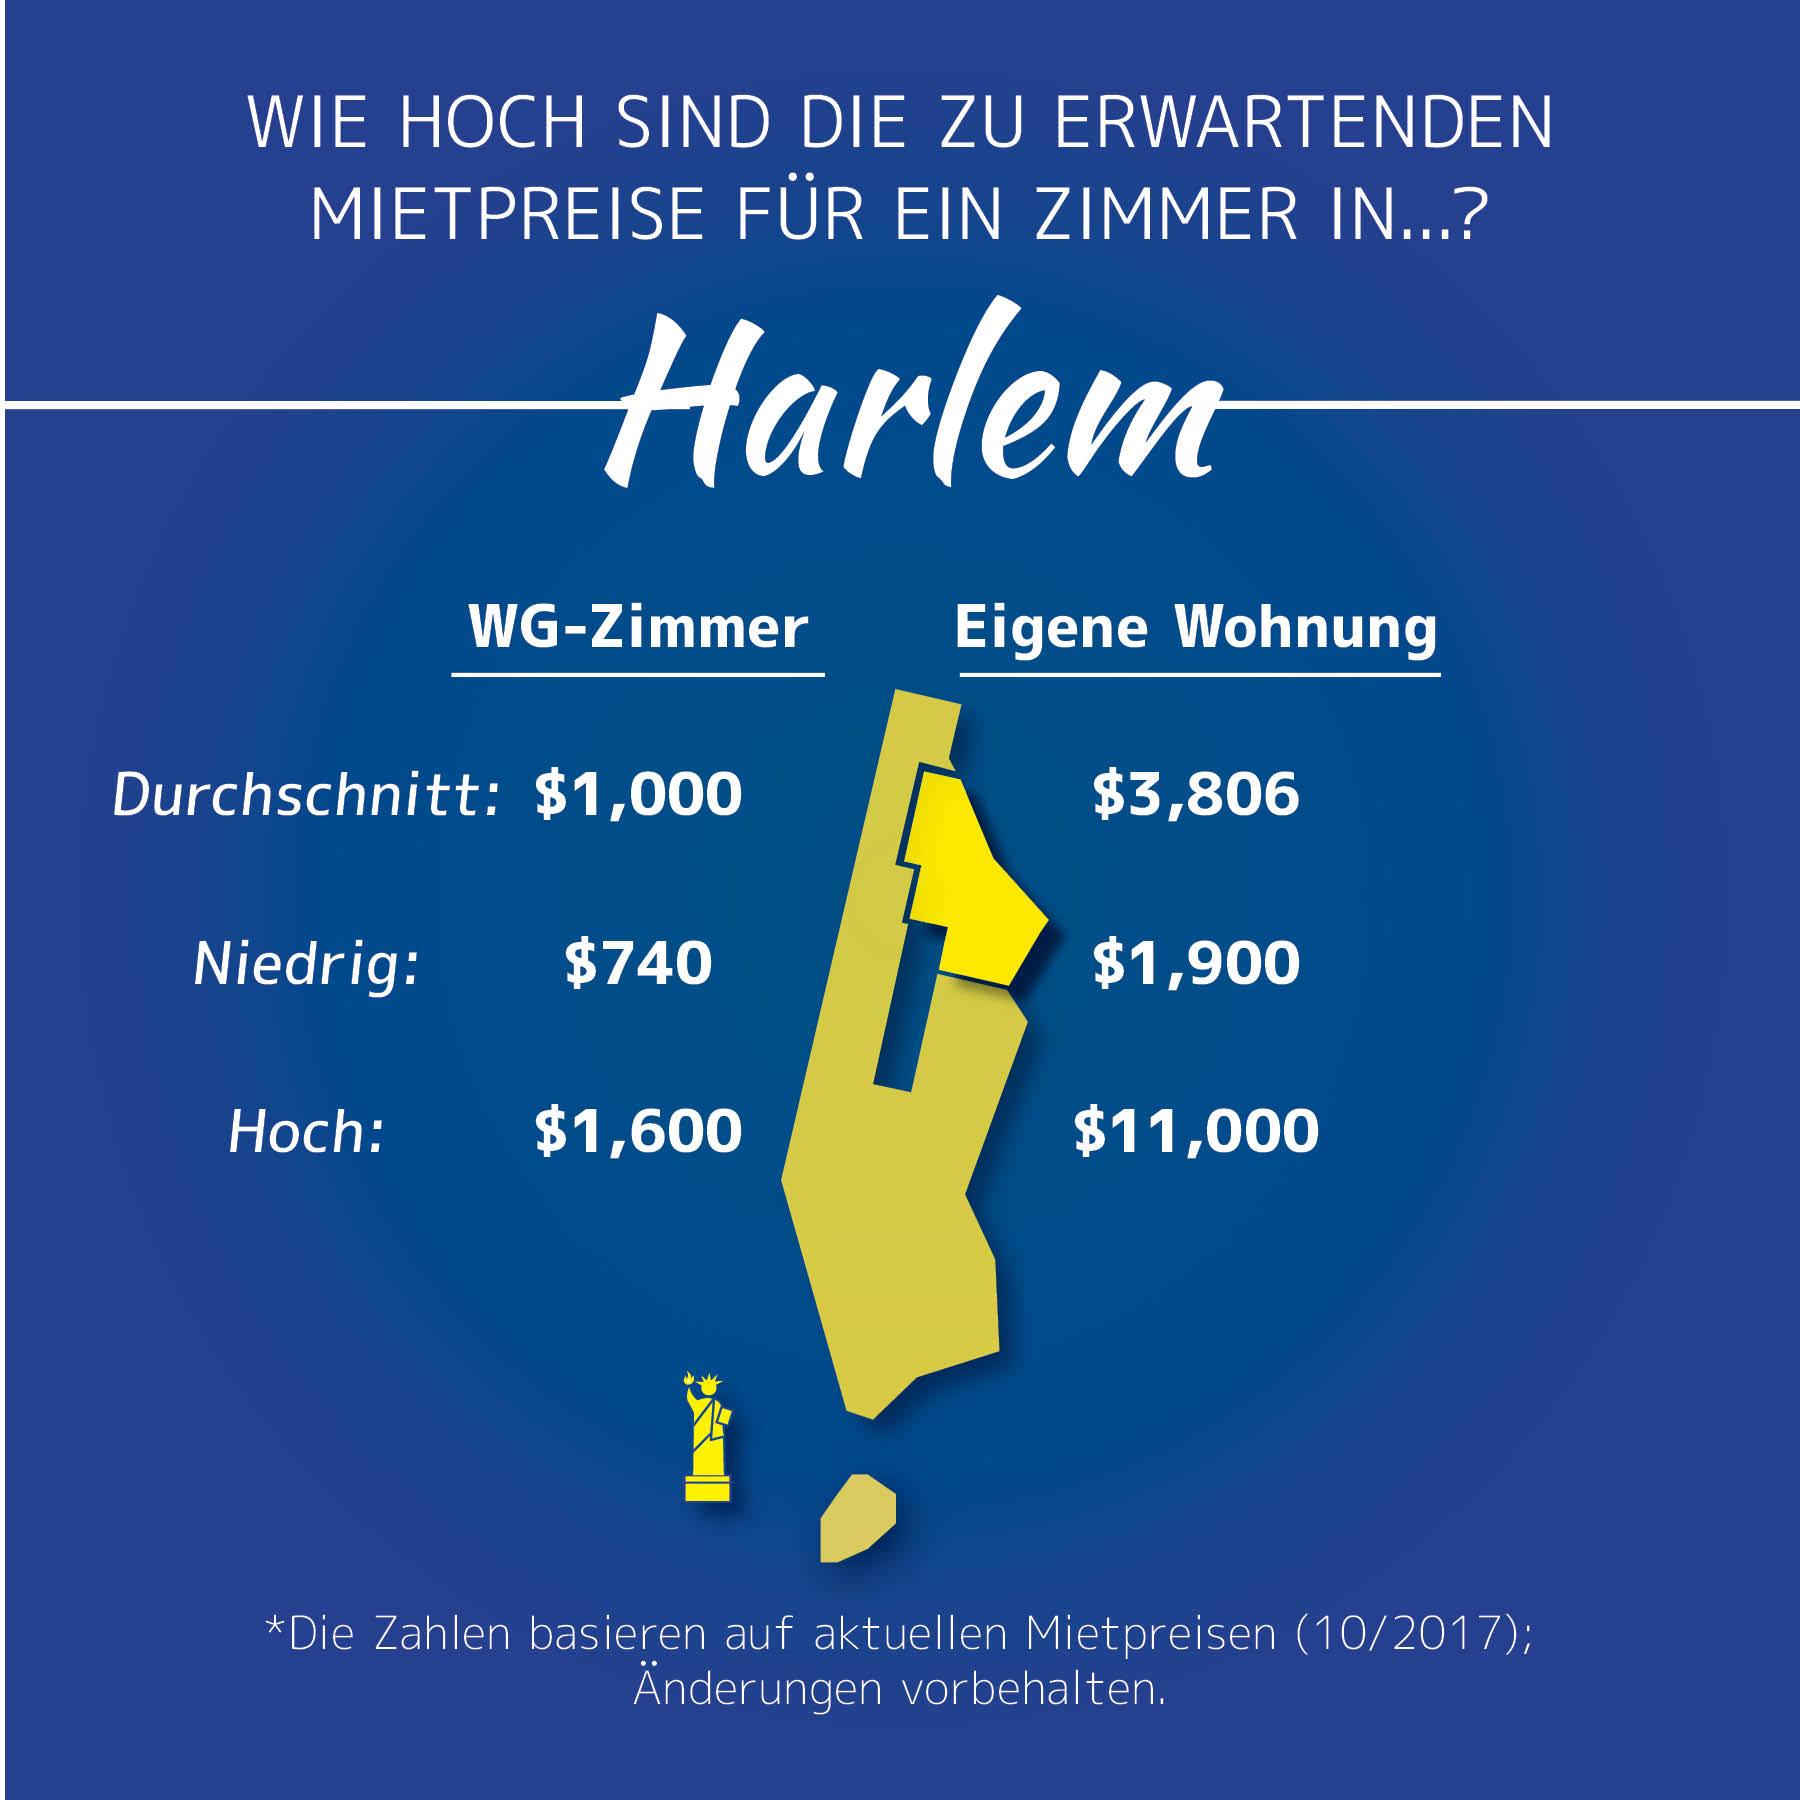 Infografik zu Mietpreisen in Harlem, Manhattan